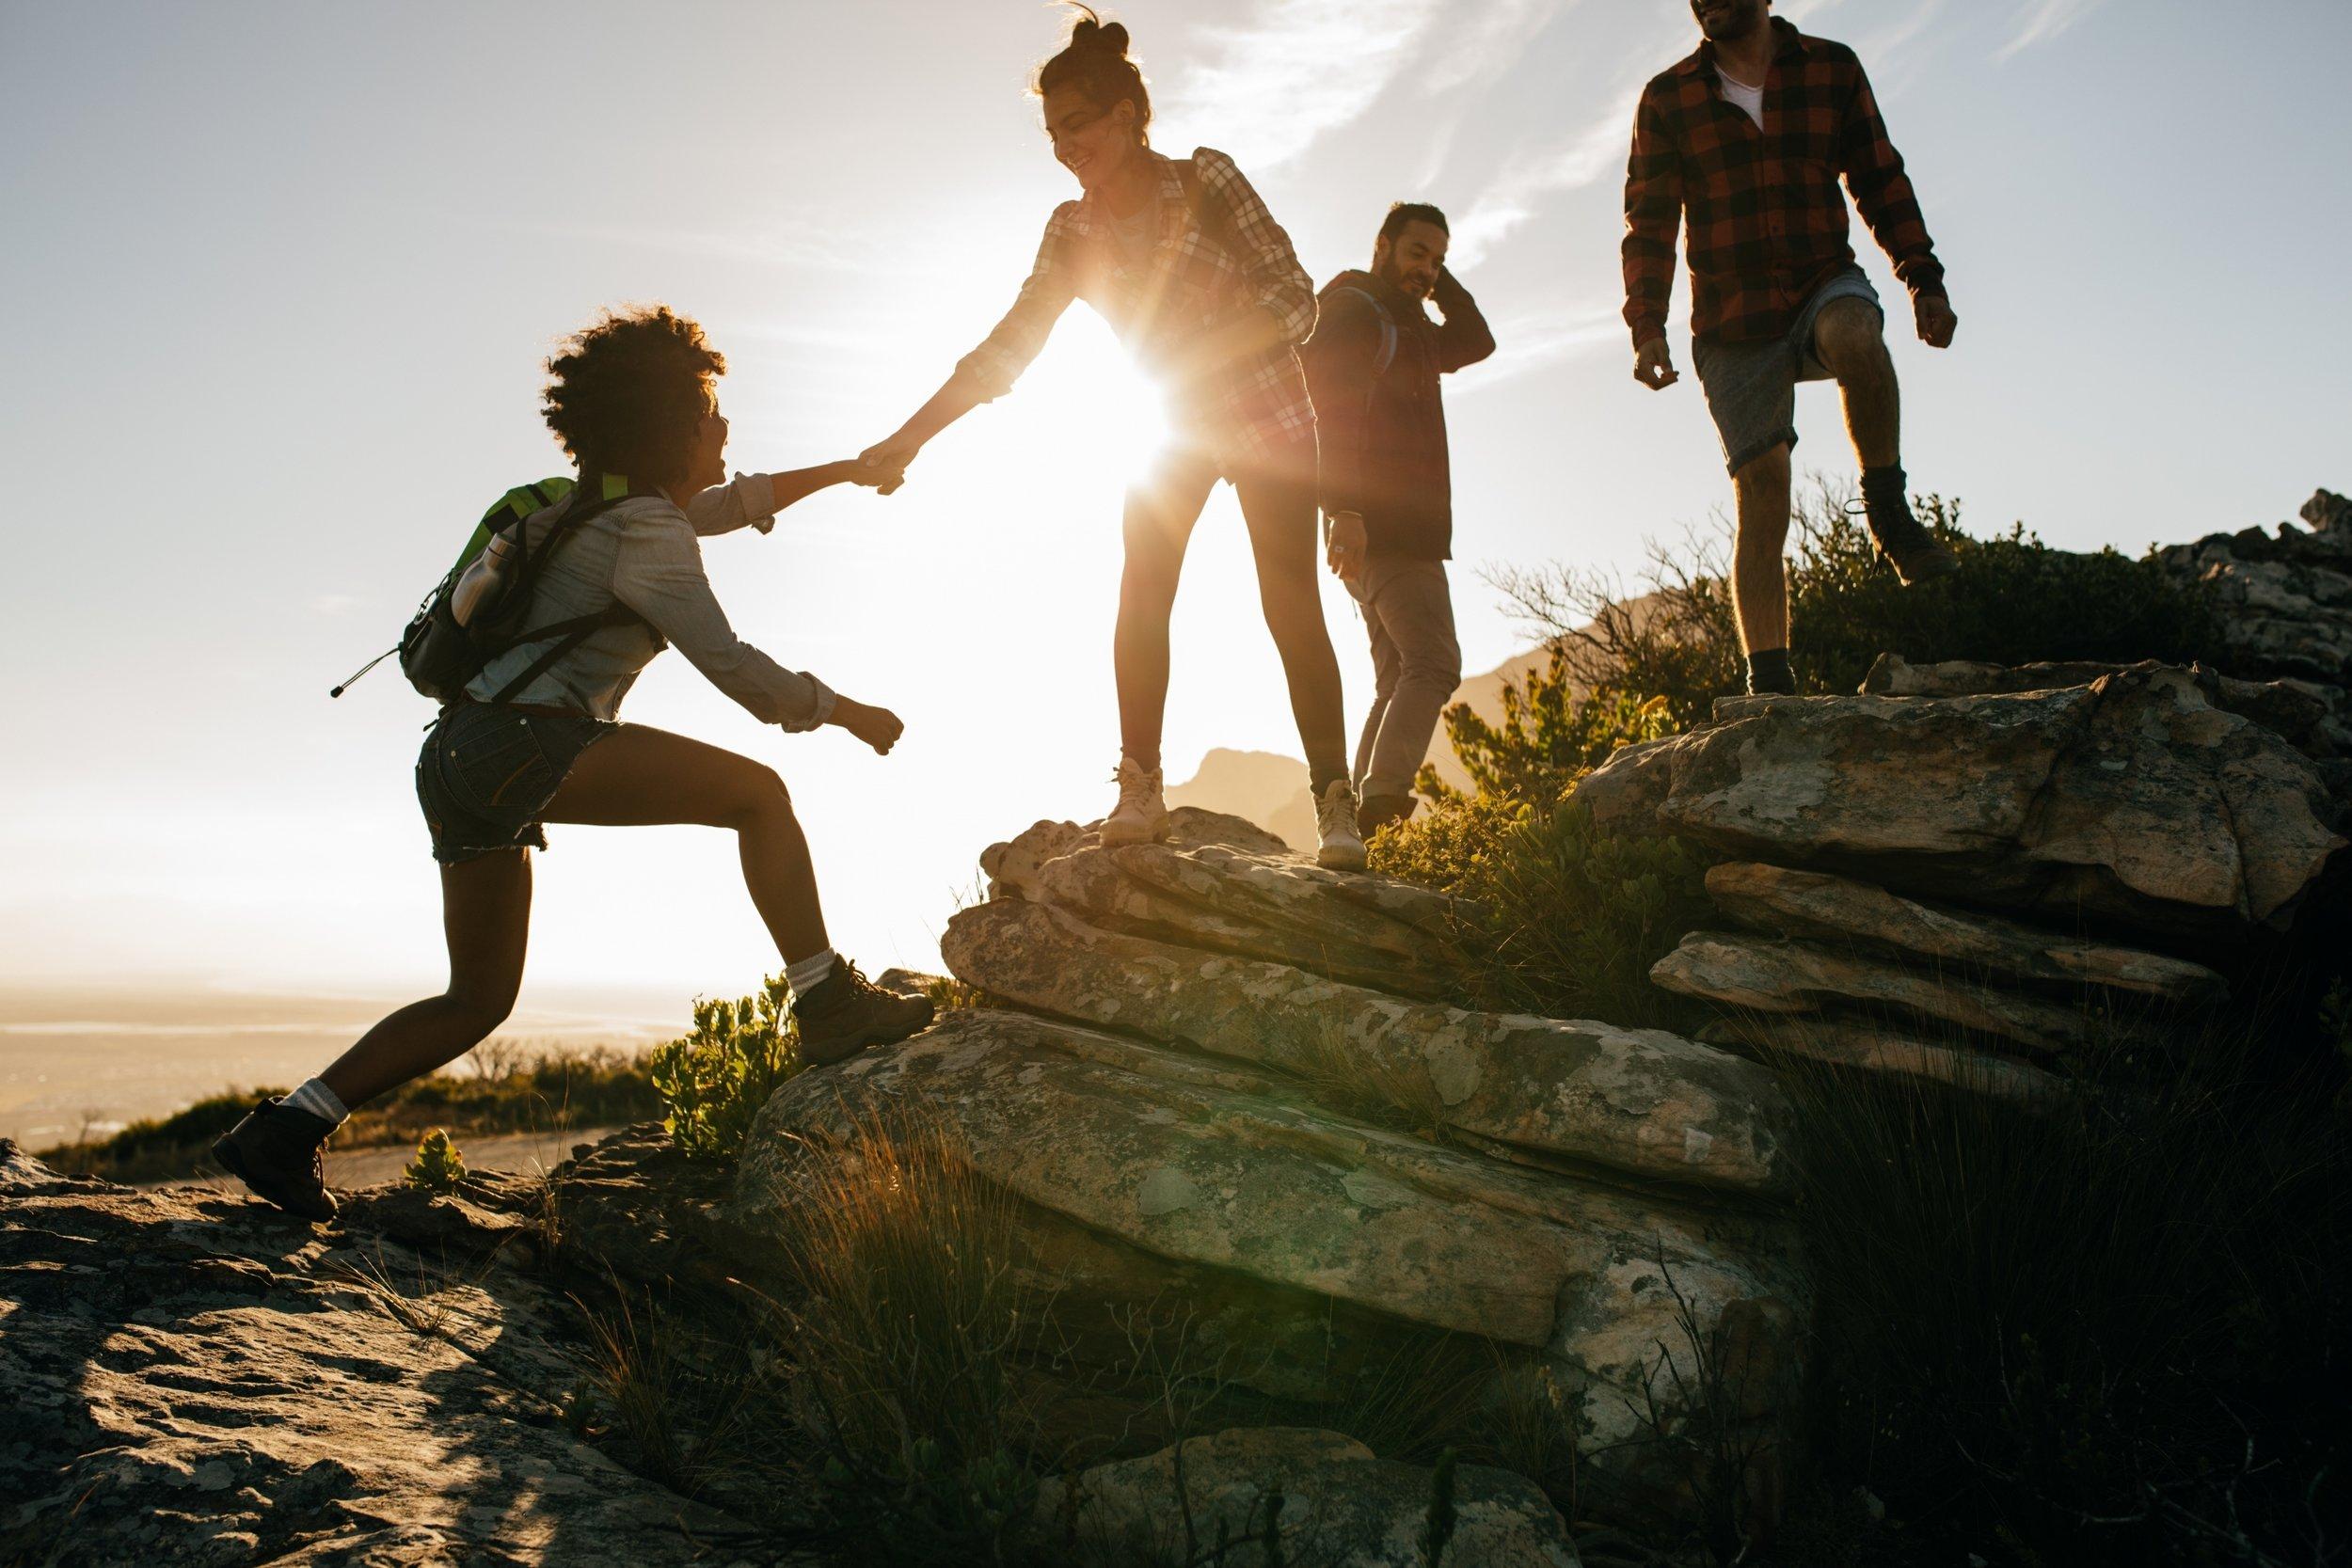 bigstock-Young-People-On-Mountain-Hike--170898122.jpg